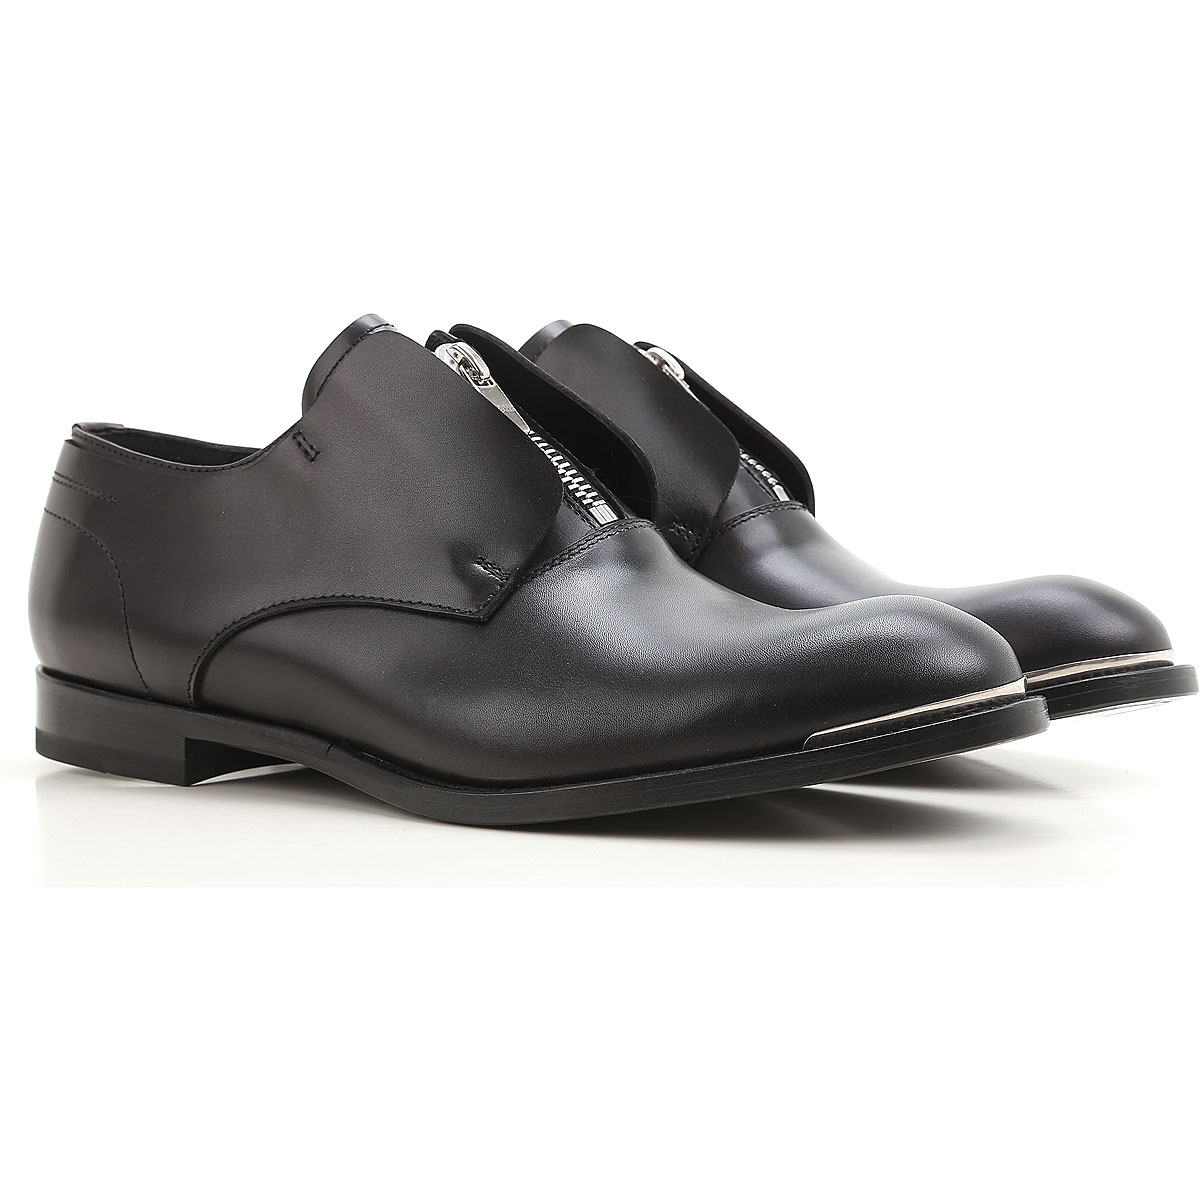 Image of Alexander McQueen Loafers for Men On Sale, Black, Leather, 2017, EUR 40.5 - US 7.5 - UK 6.5 EUR 41.5 - US 8.5 - UK 7.5